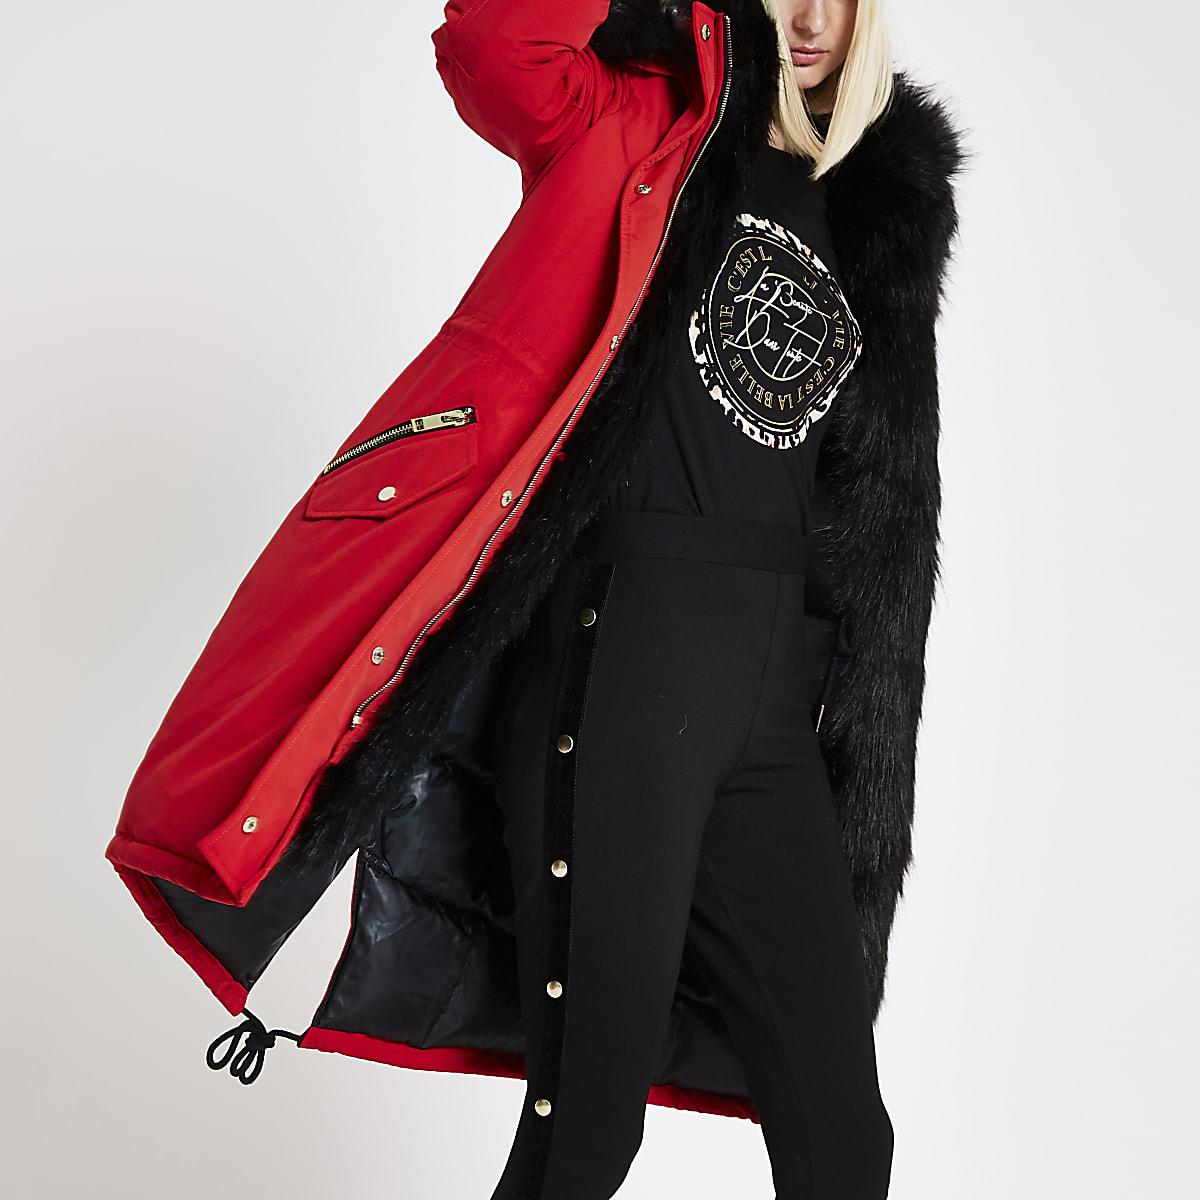 bd0a85ad53c39 Bright red faux fur trim parka coat - Coats - Coats & Jackets - women